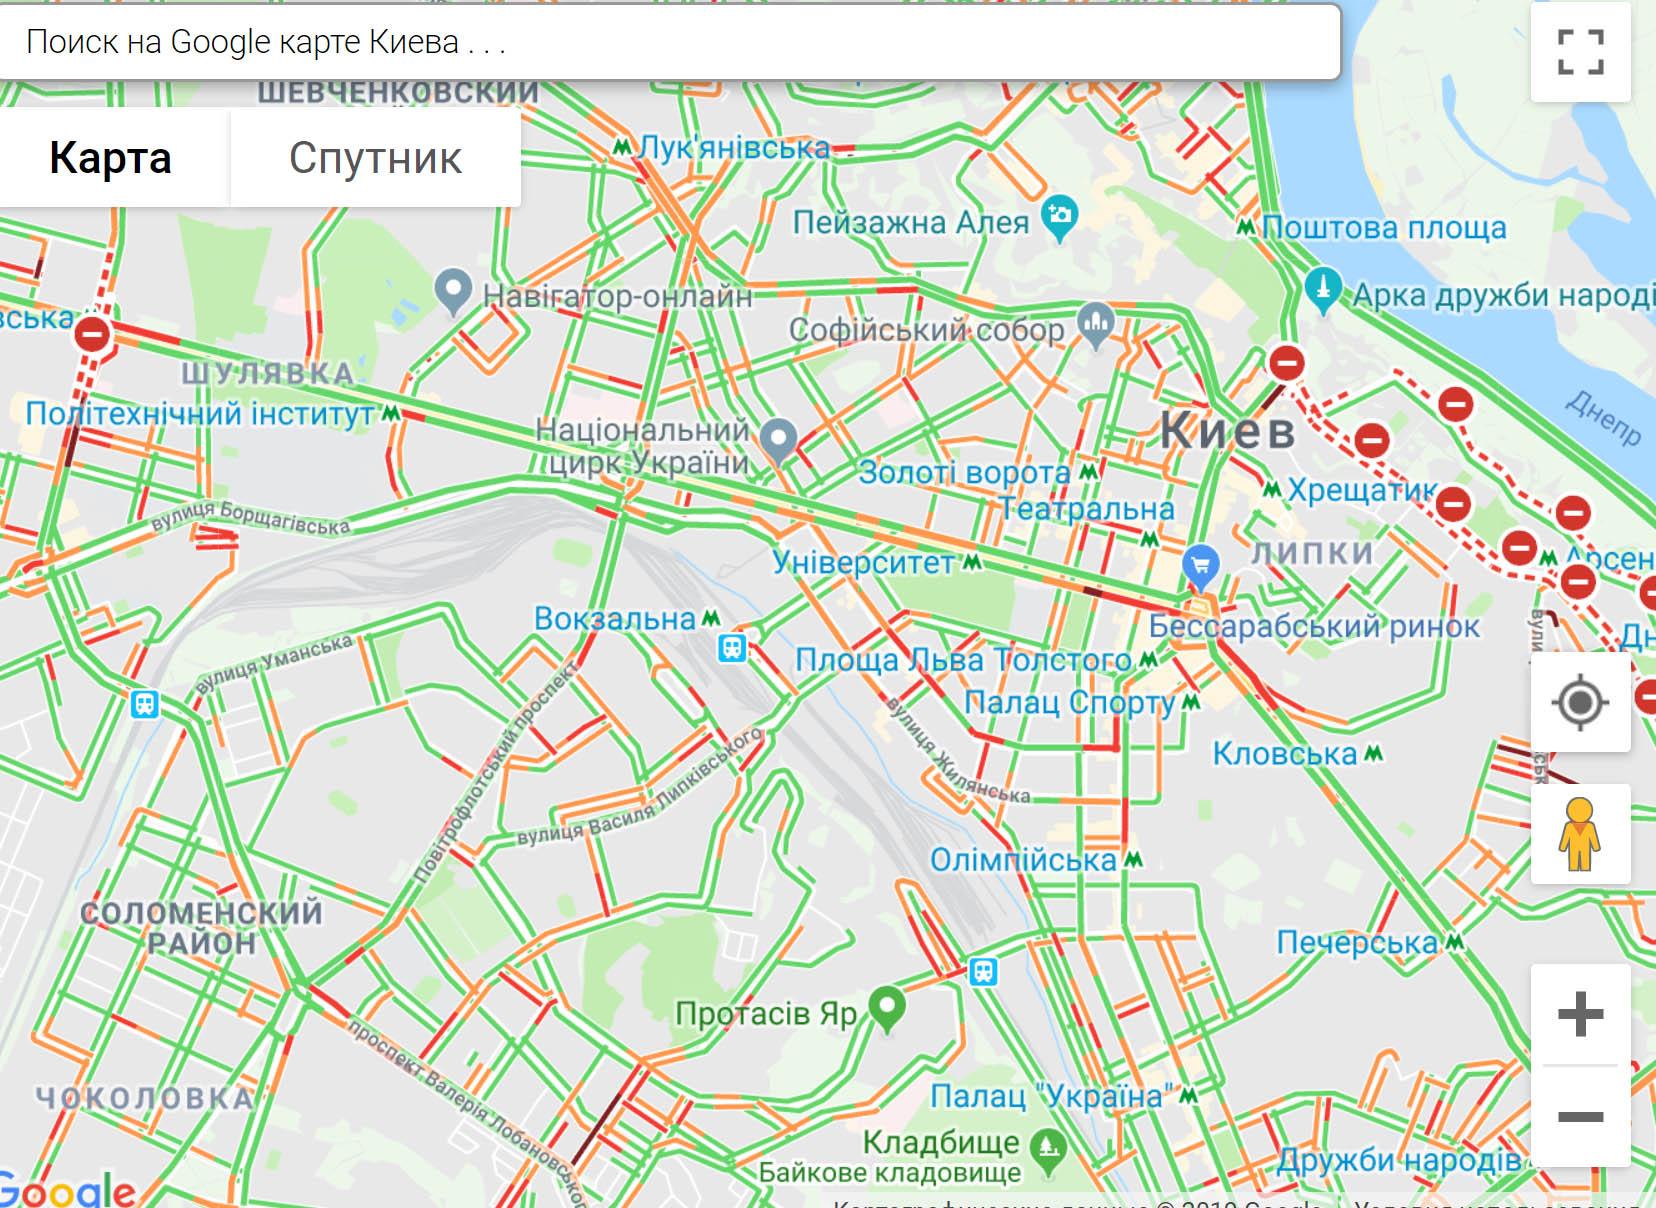 Затори у Києві: на яких вулицях обмежений рух - інавгурація, затори, водії, авто - 4567jkn